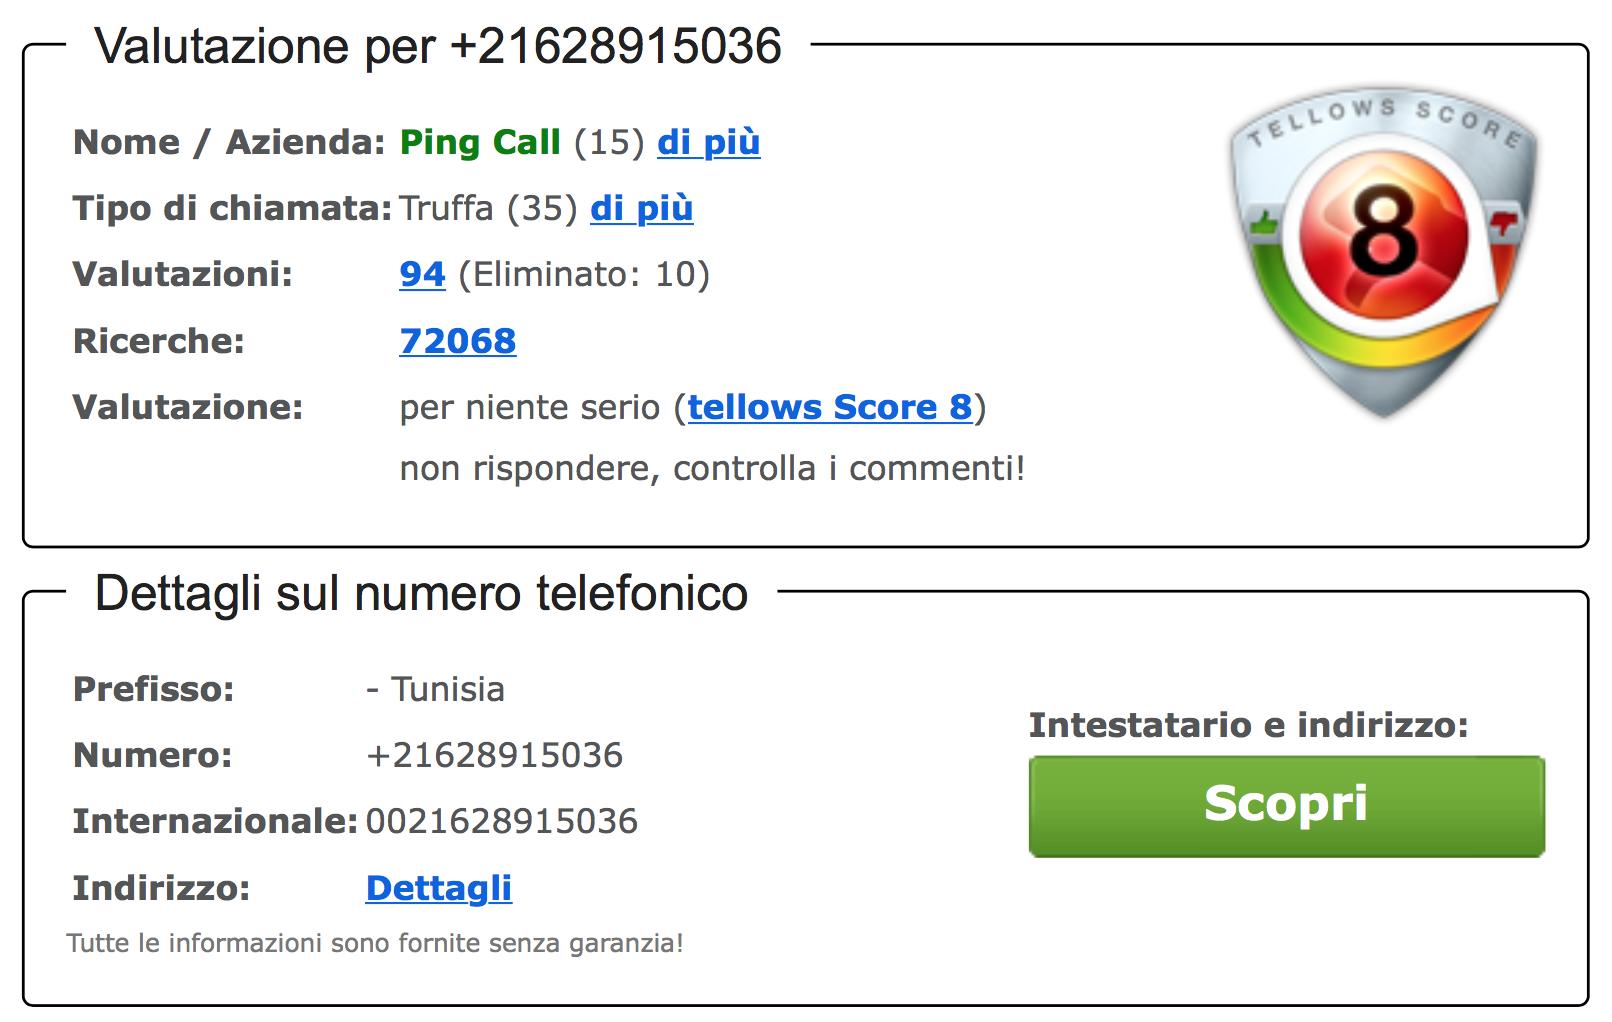 +216 出るな かけるな ワン切り詐欺、イタリア_f0234936_520583.png